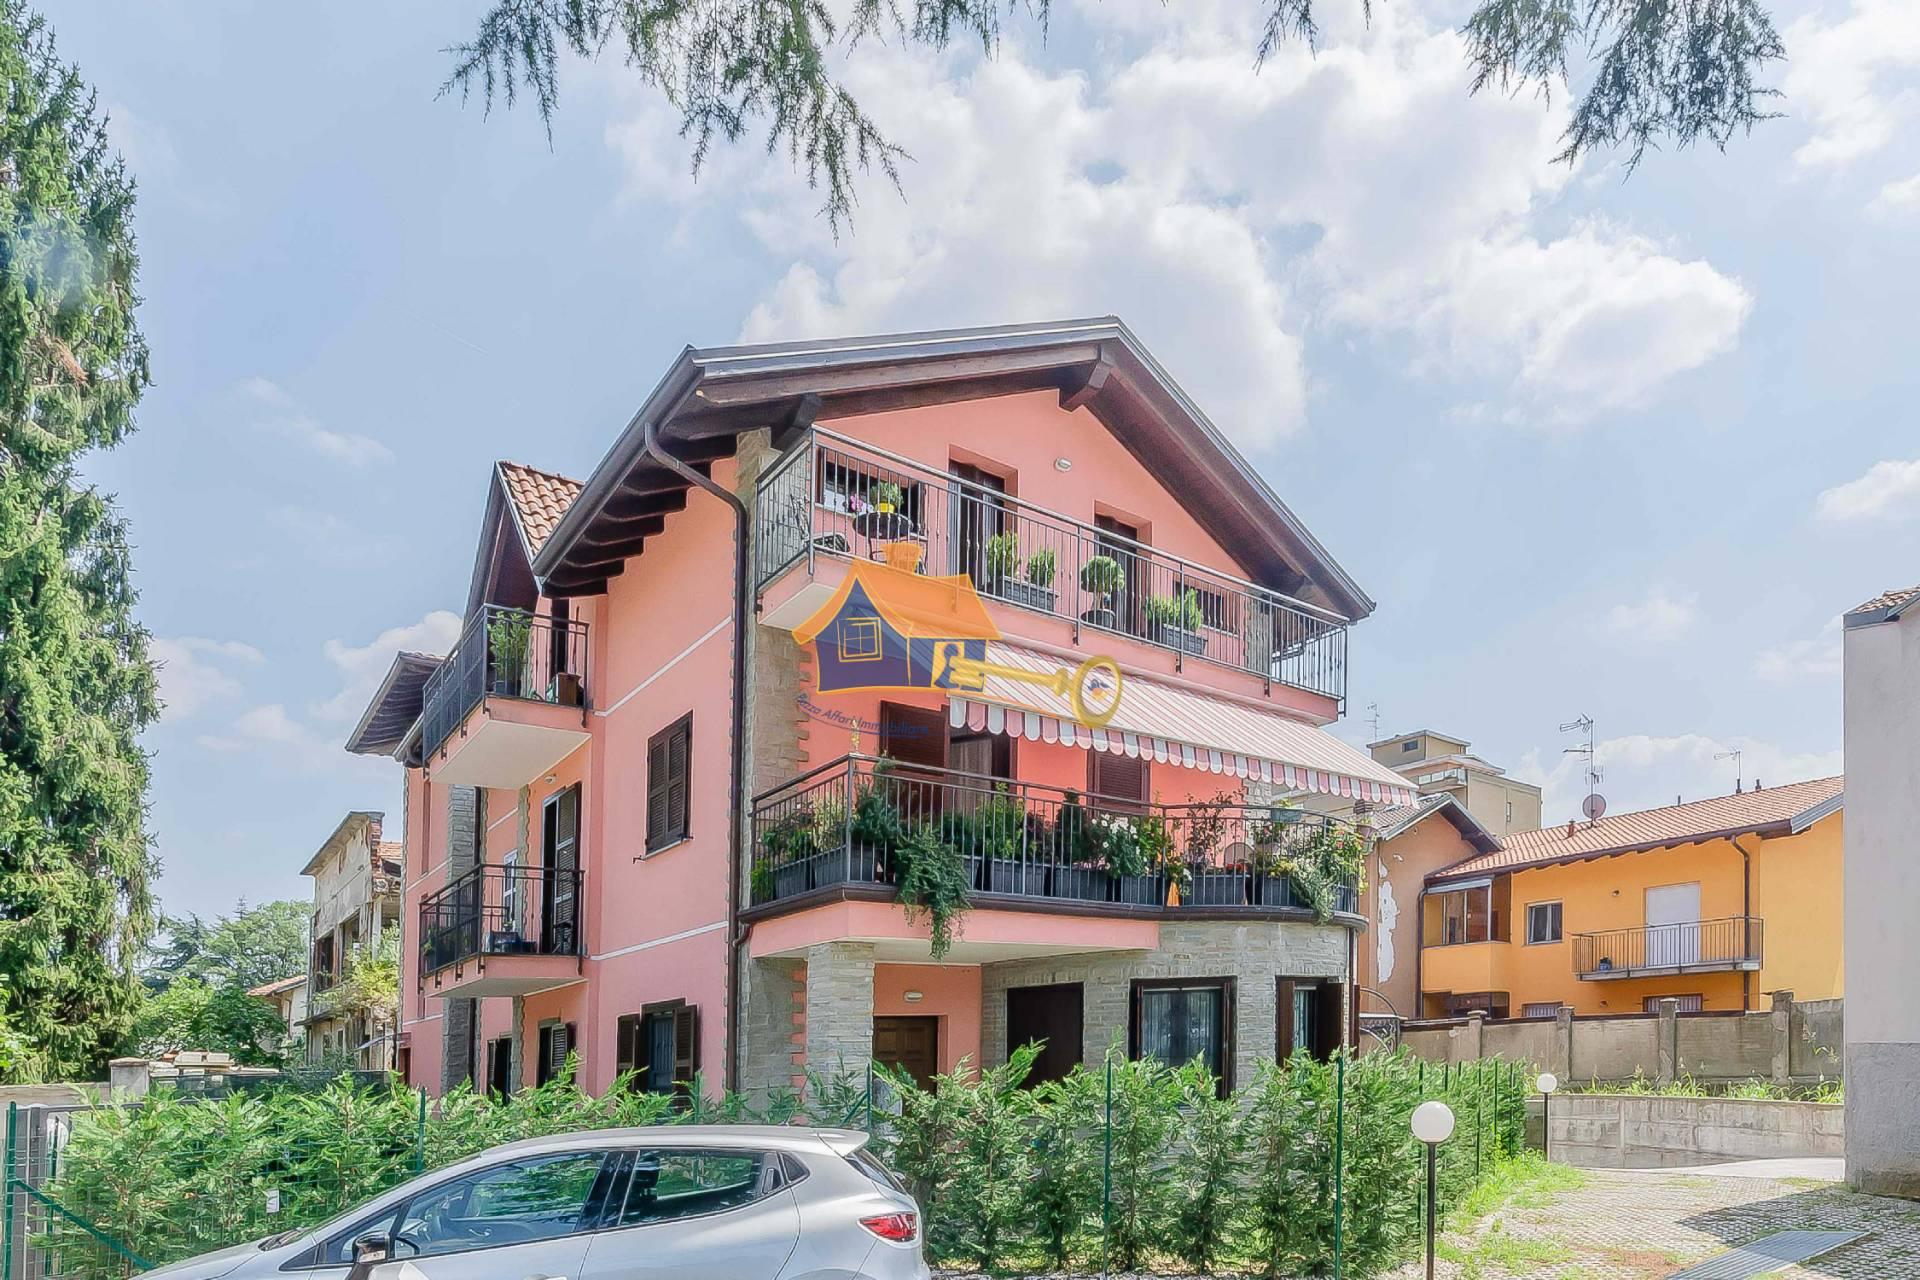 Appartamento in vendita a Jerago con Orago, 4 locali, zona go, prezzo € 239.000 | PortaleAgenzieImmobiliari.it